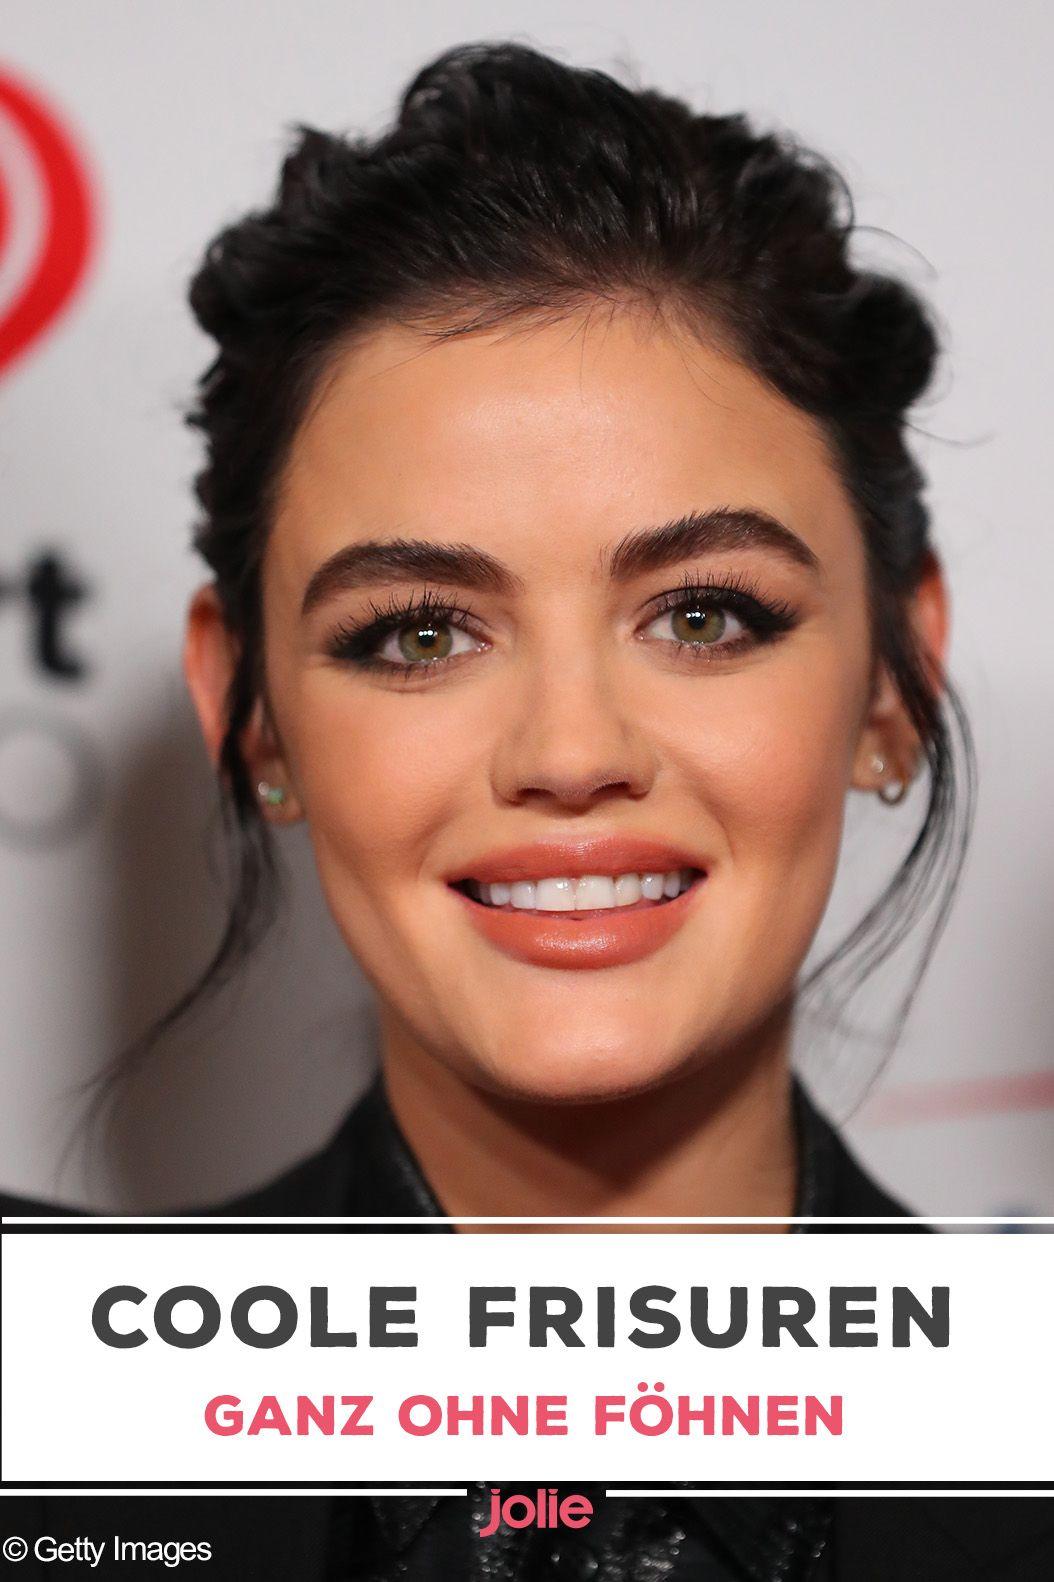 Frisuren ohne Föhnen: So gelingen sie  Coole frisuren, Frisuren